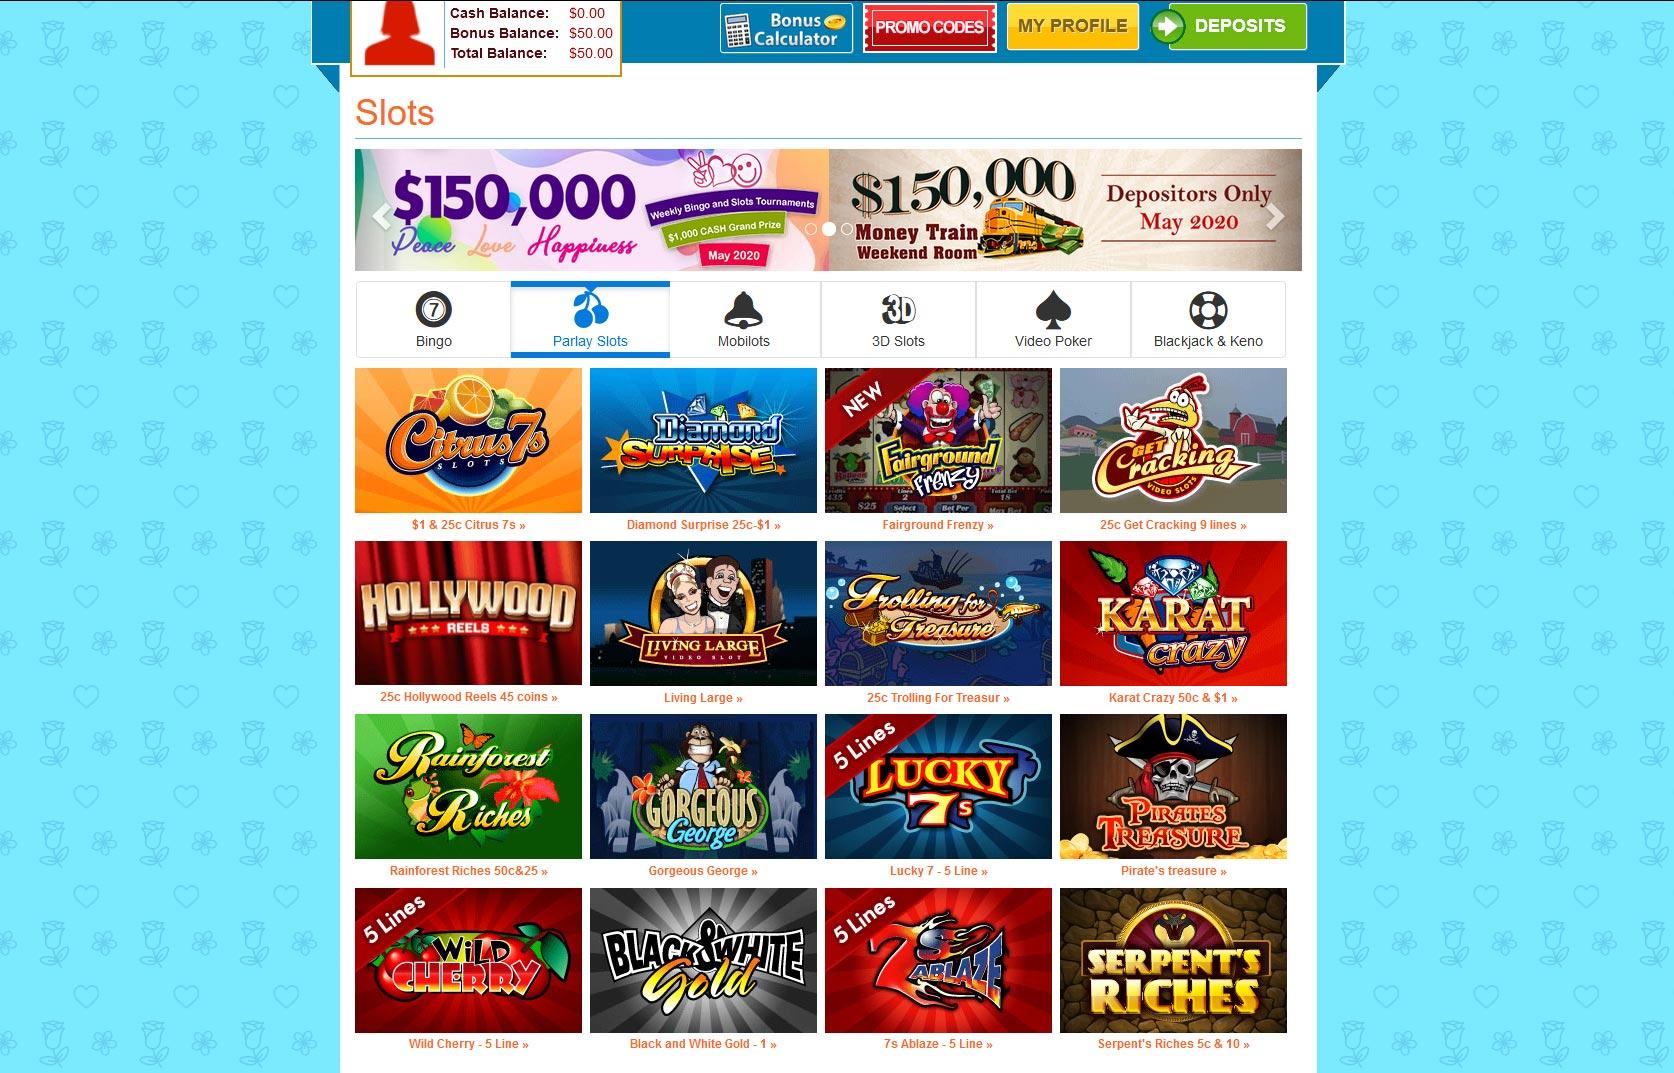 amigo bingo slots online